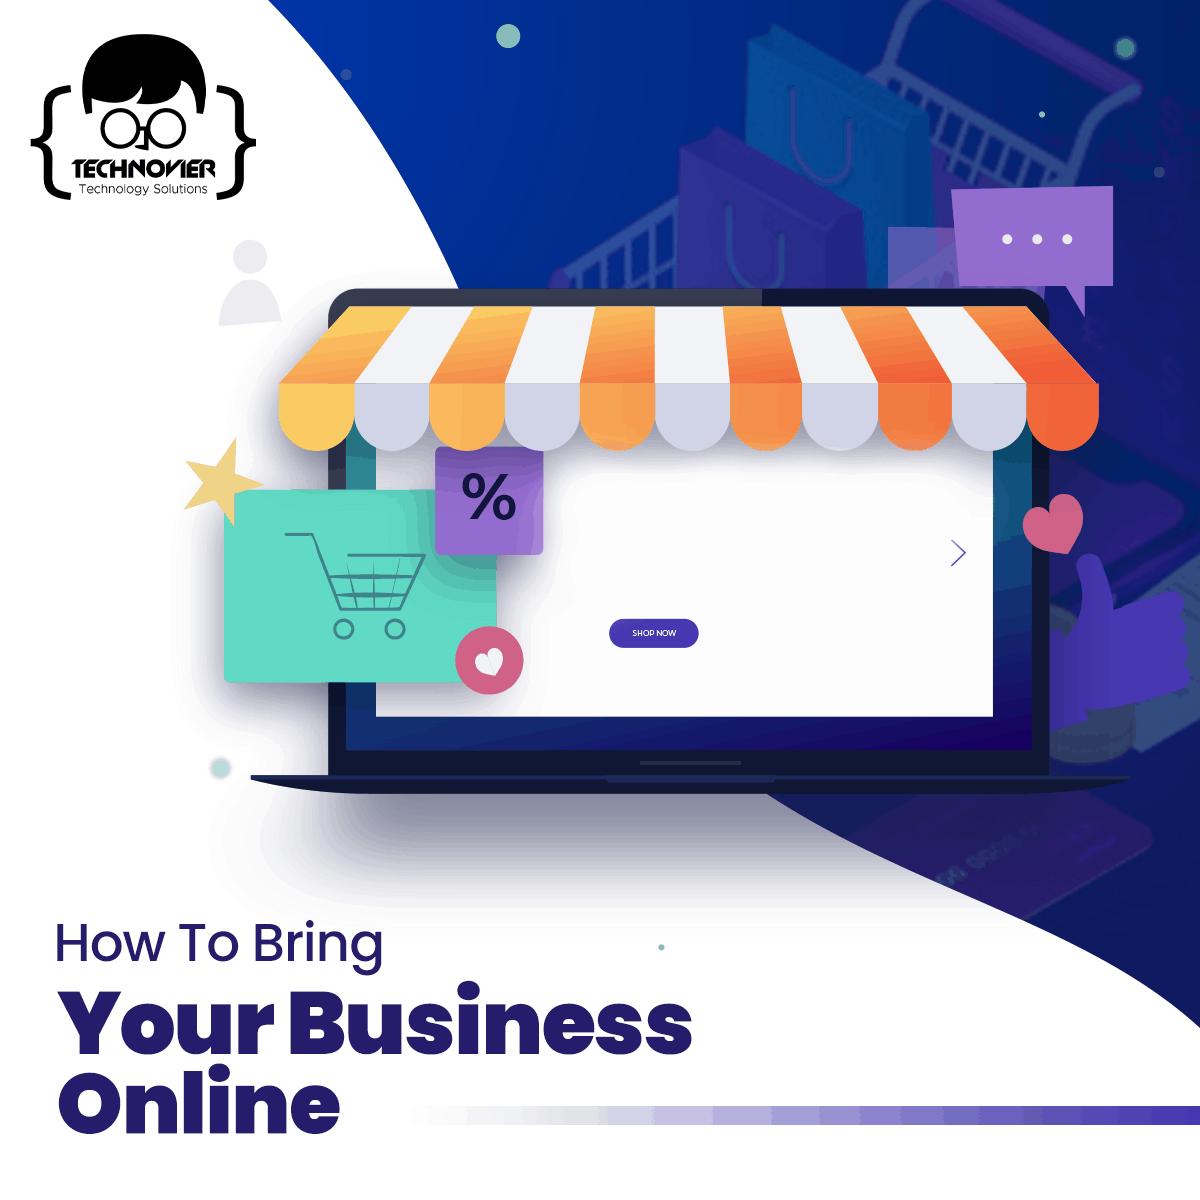 Bring online